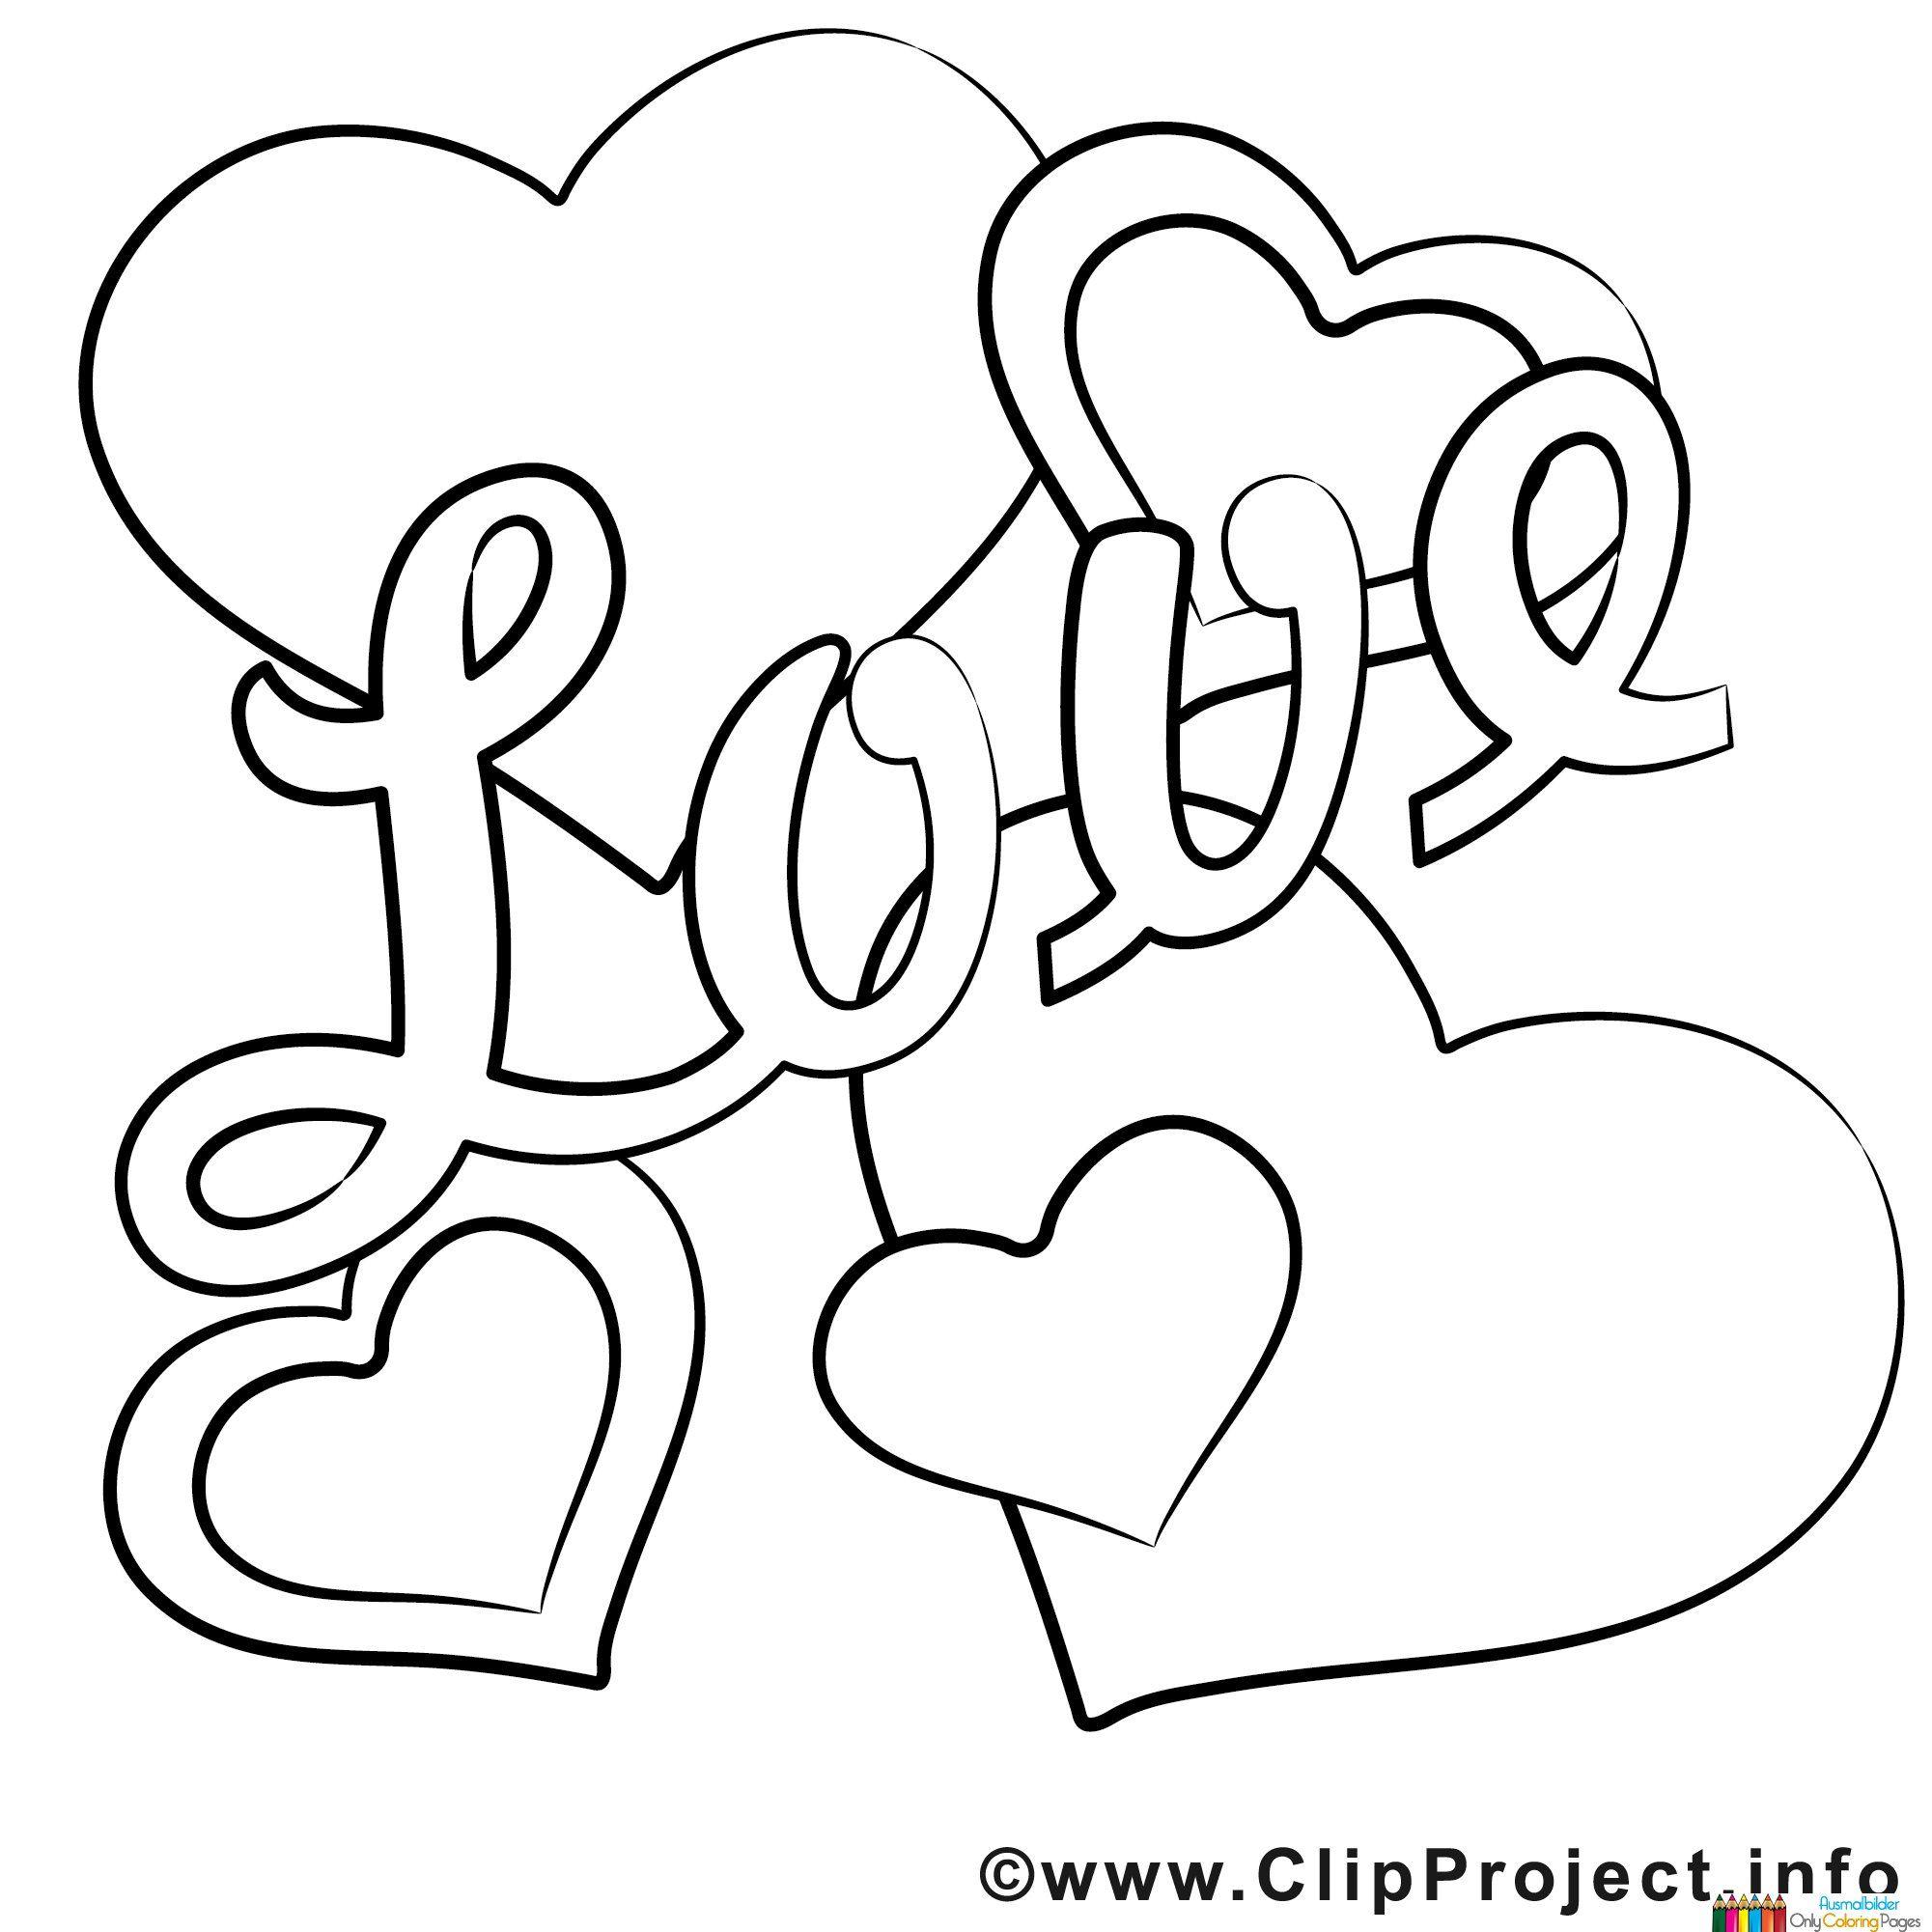 Love Bild zum Ausmalen kostenlos malvorlagen Love Bild zum Ausmalen Ausdrucken für kinder